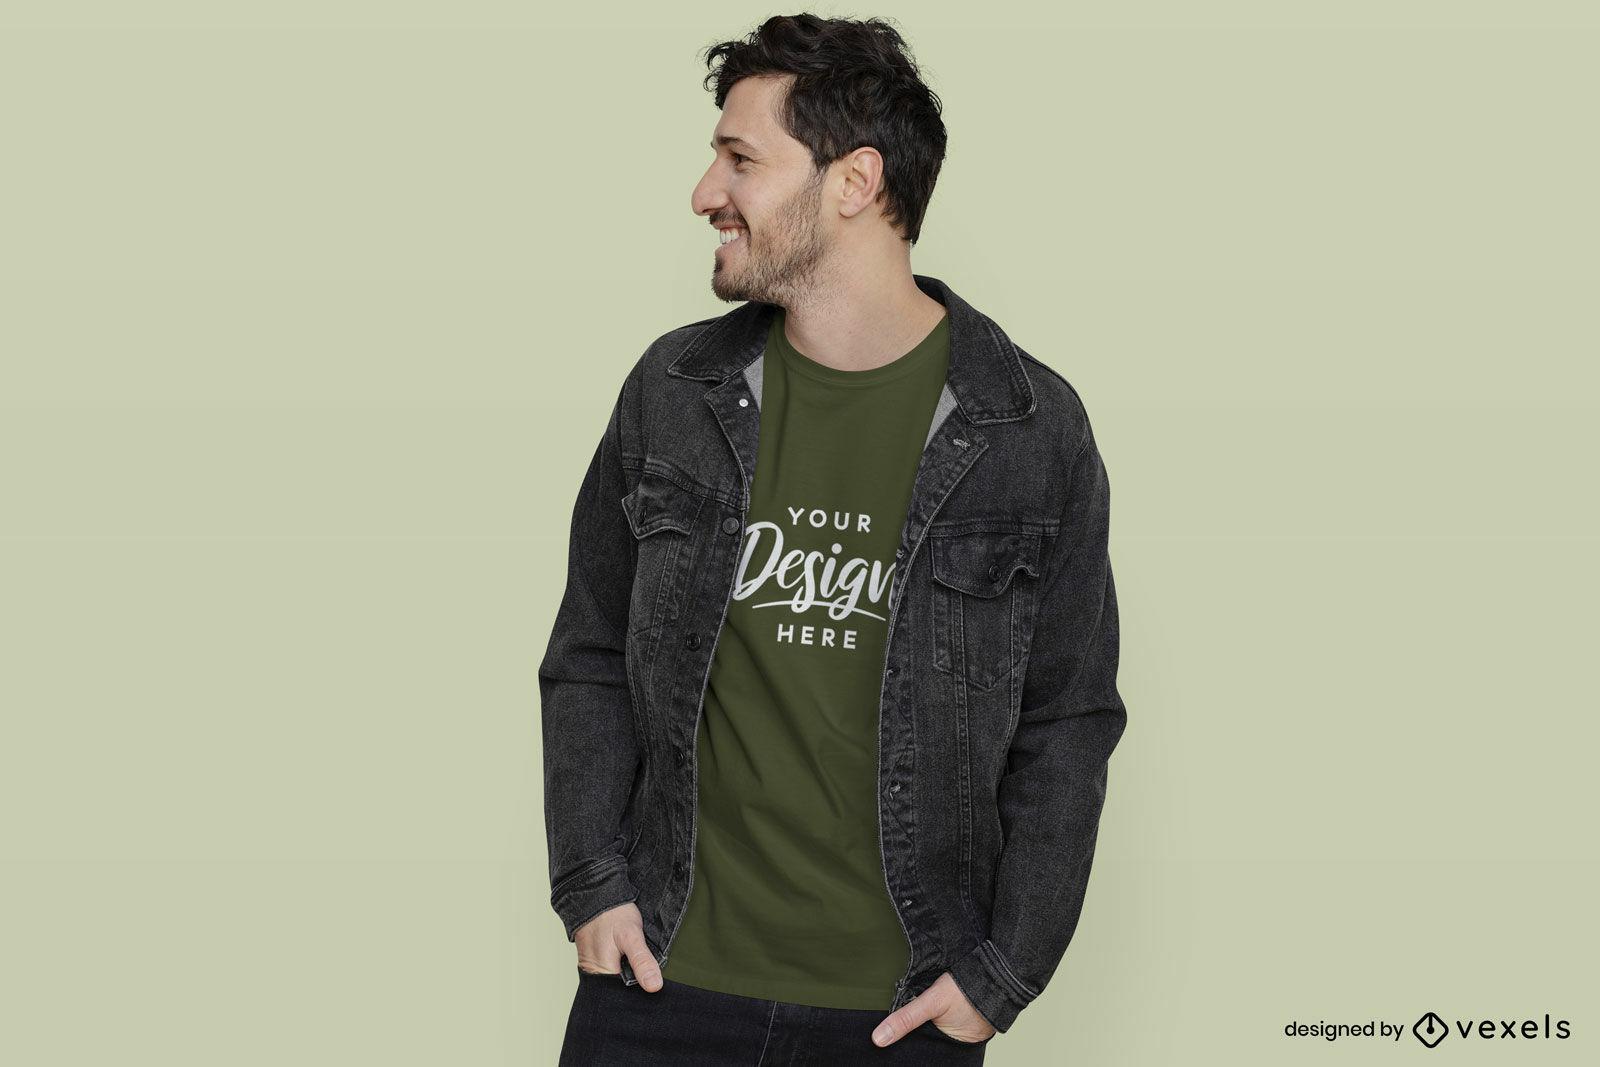 Mann im grünen T-Shirt-Modell mit Jacke